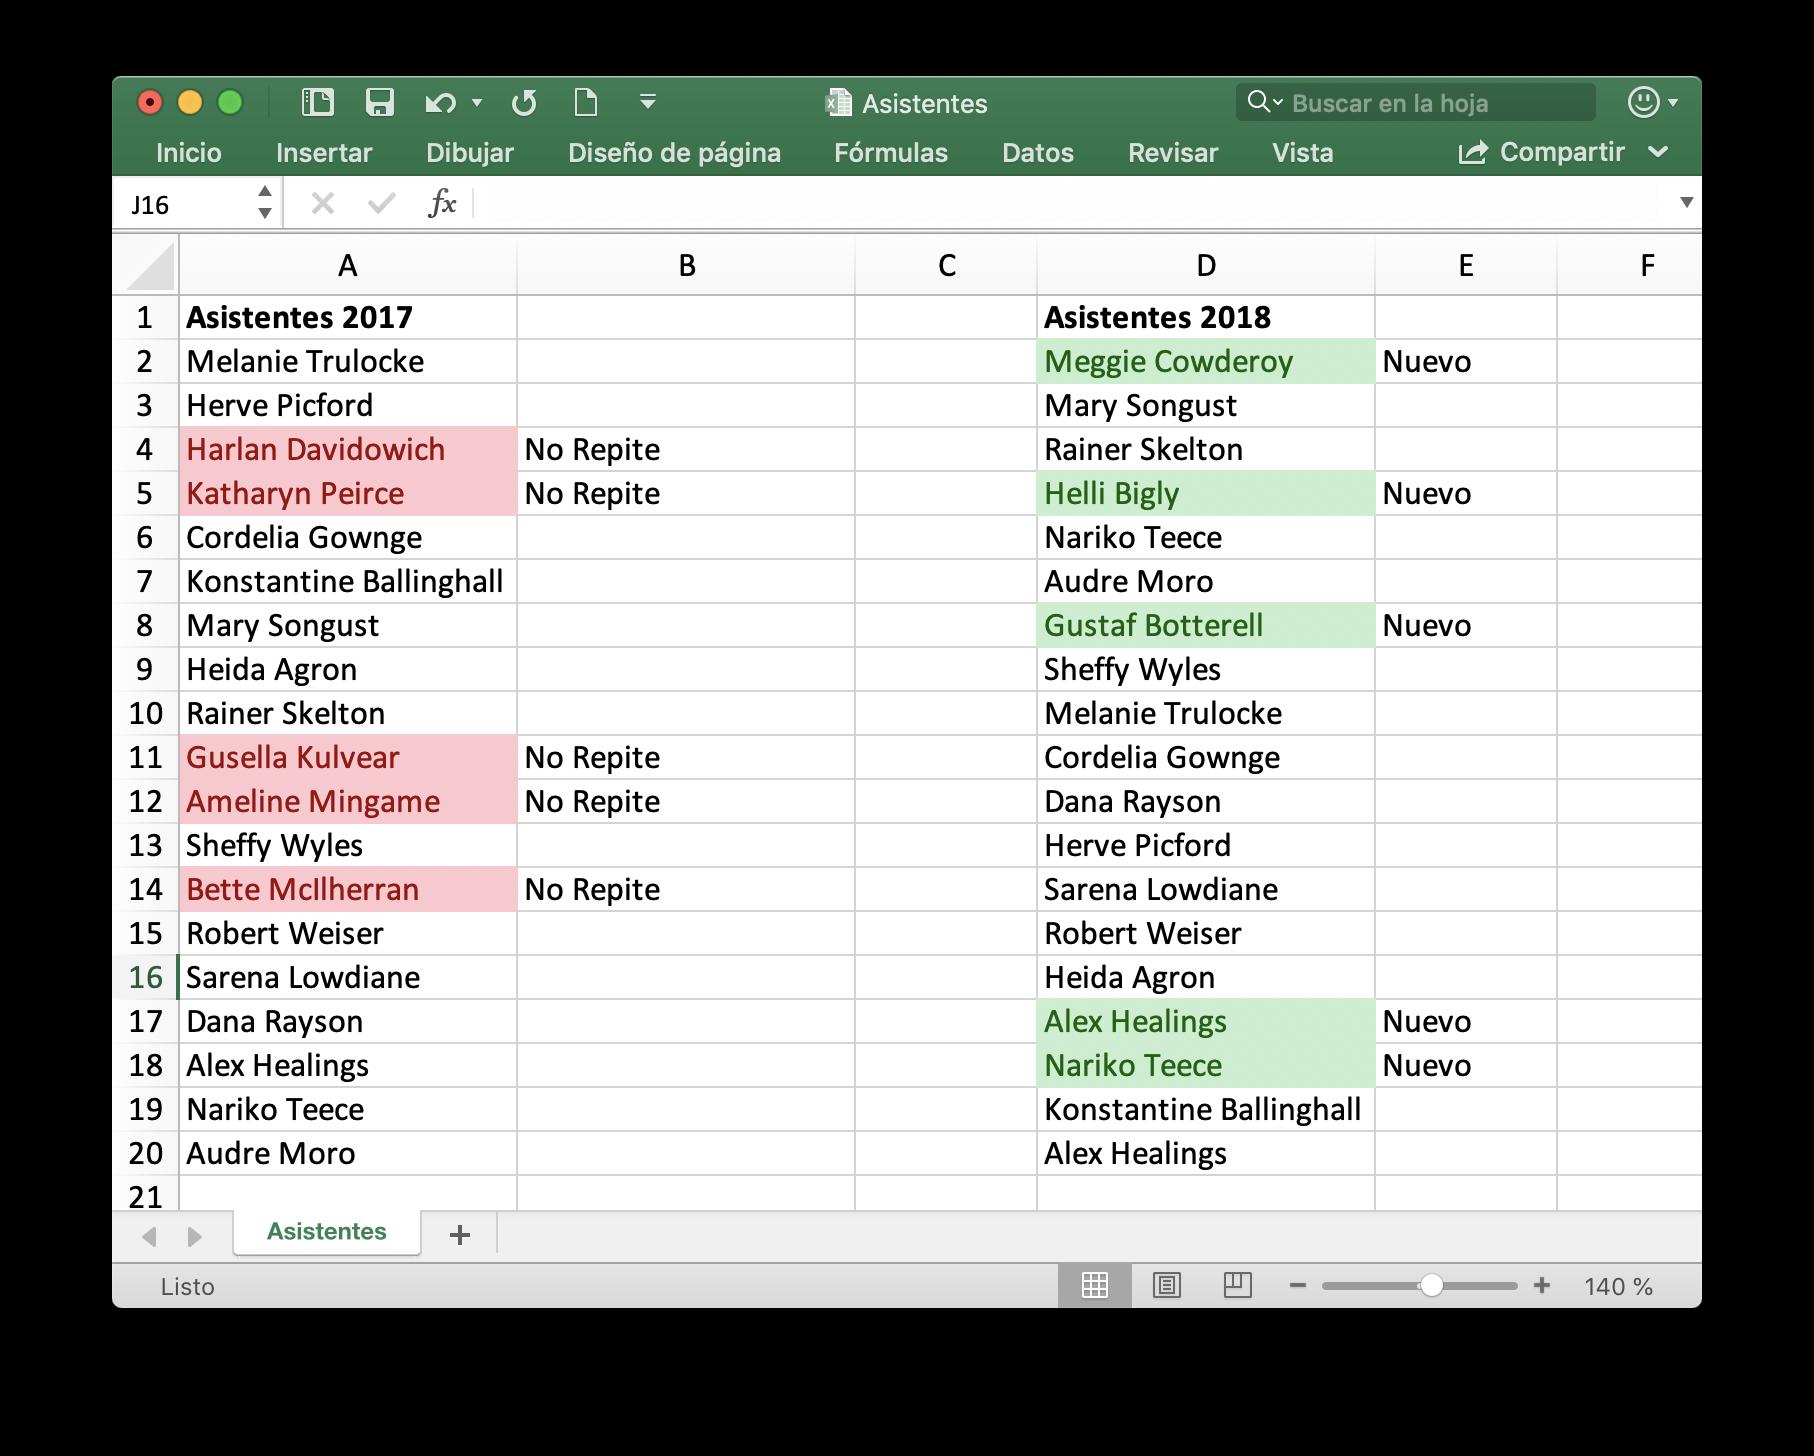 Comparación de los listados de asistentes